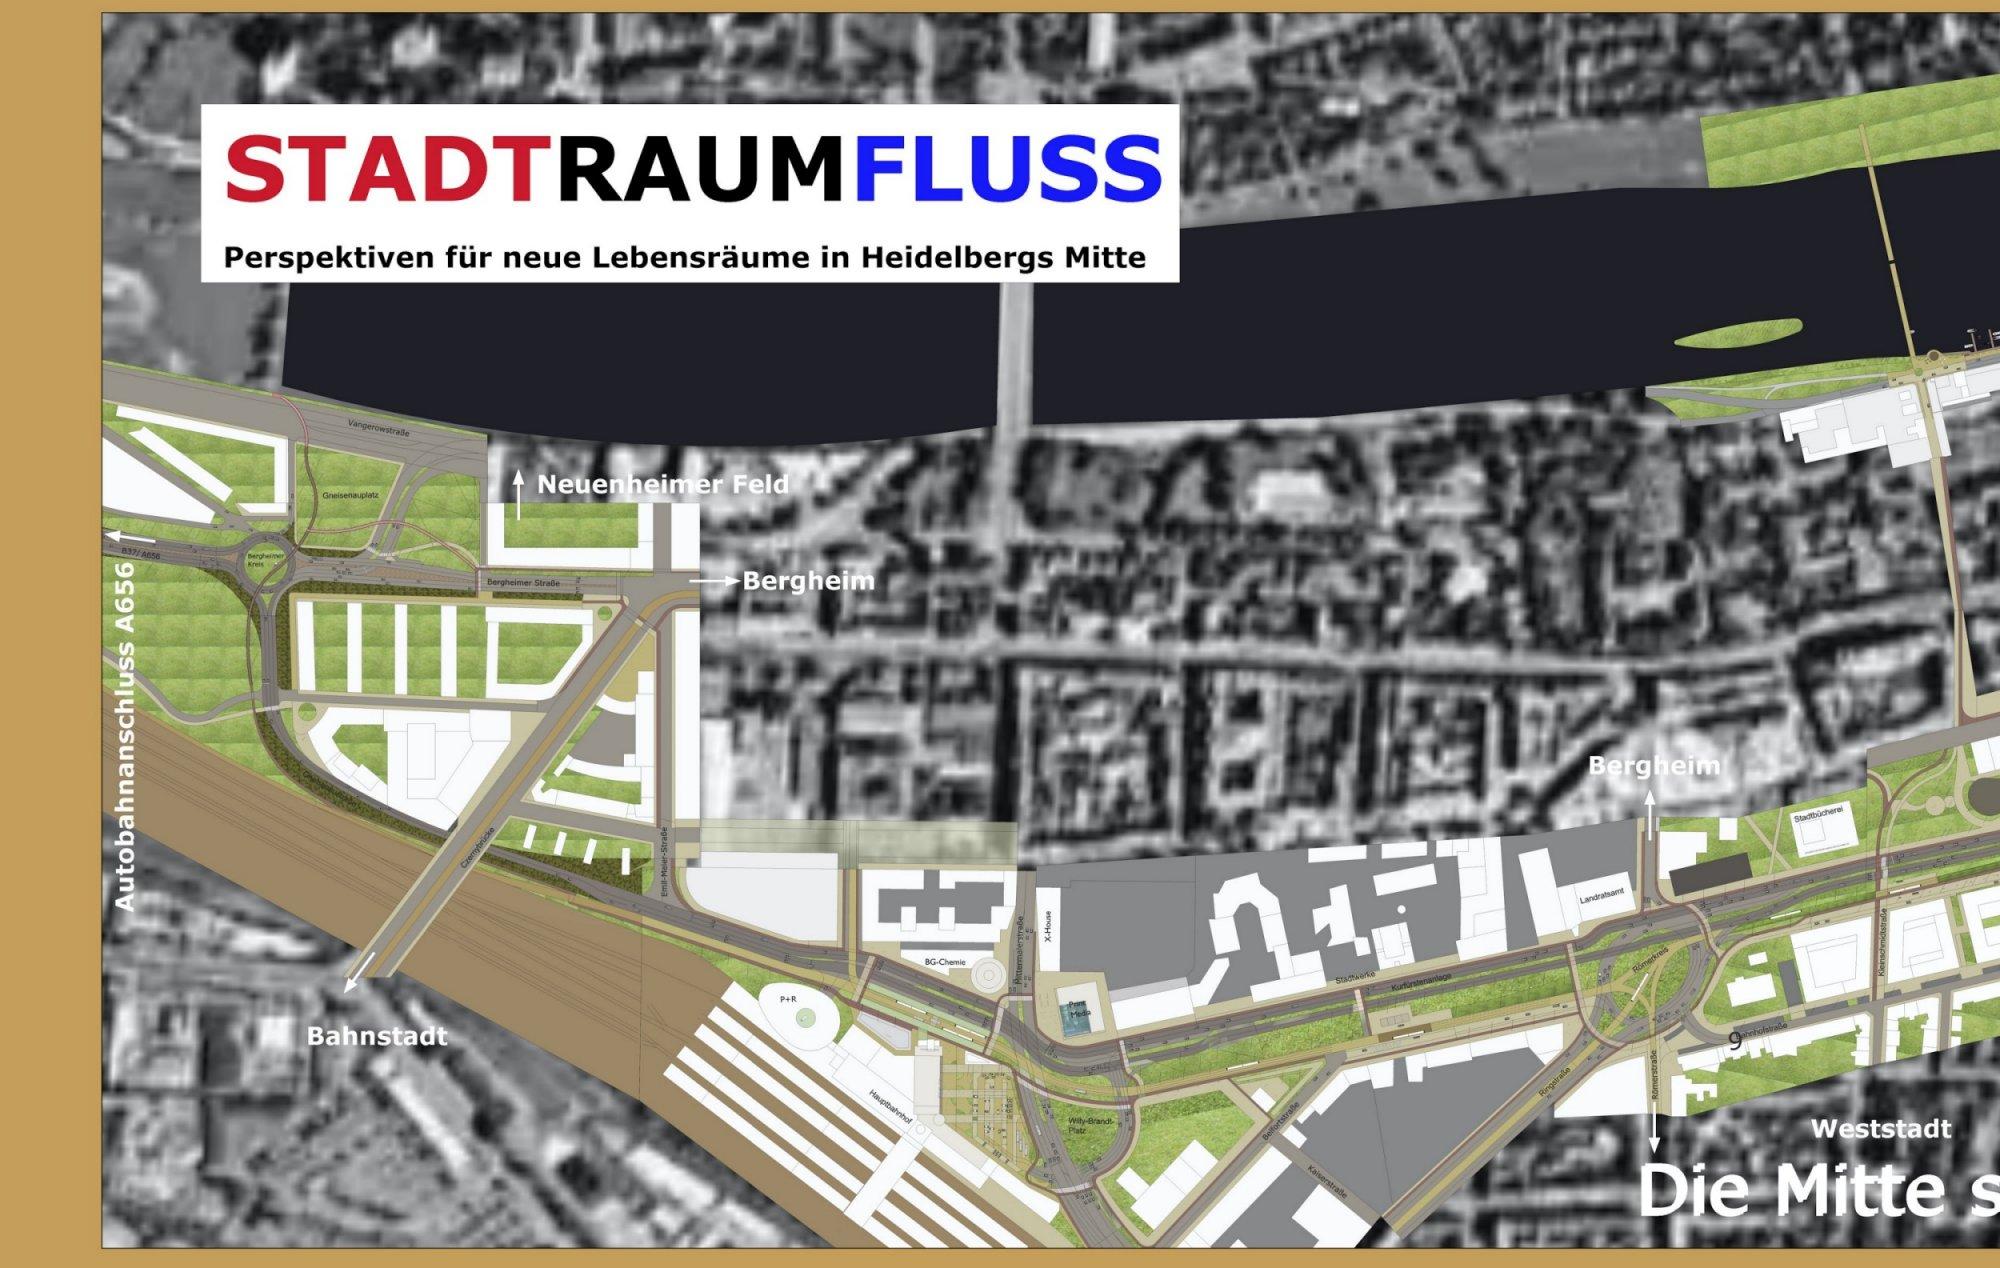 STADTraumFLUSS 2014